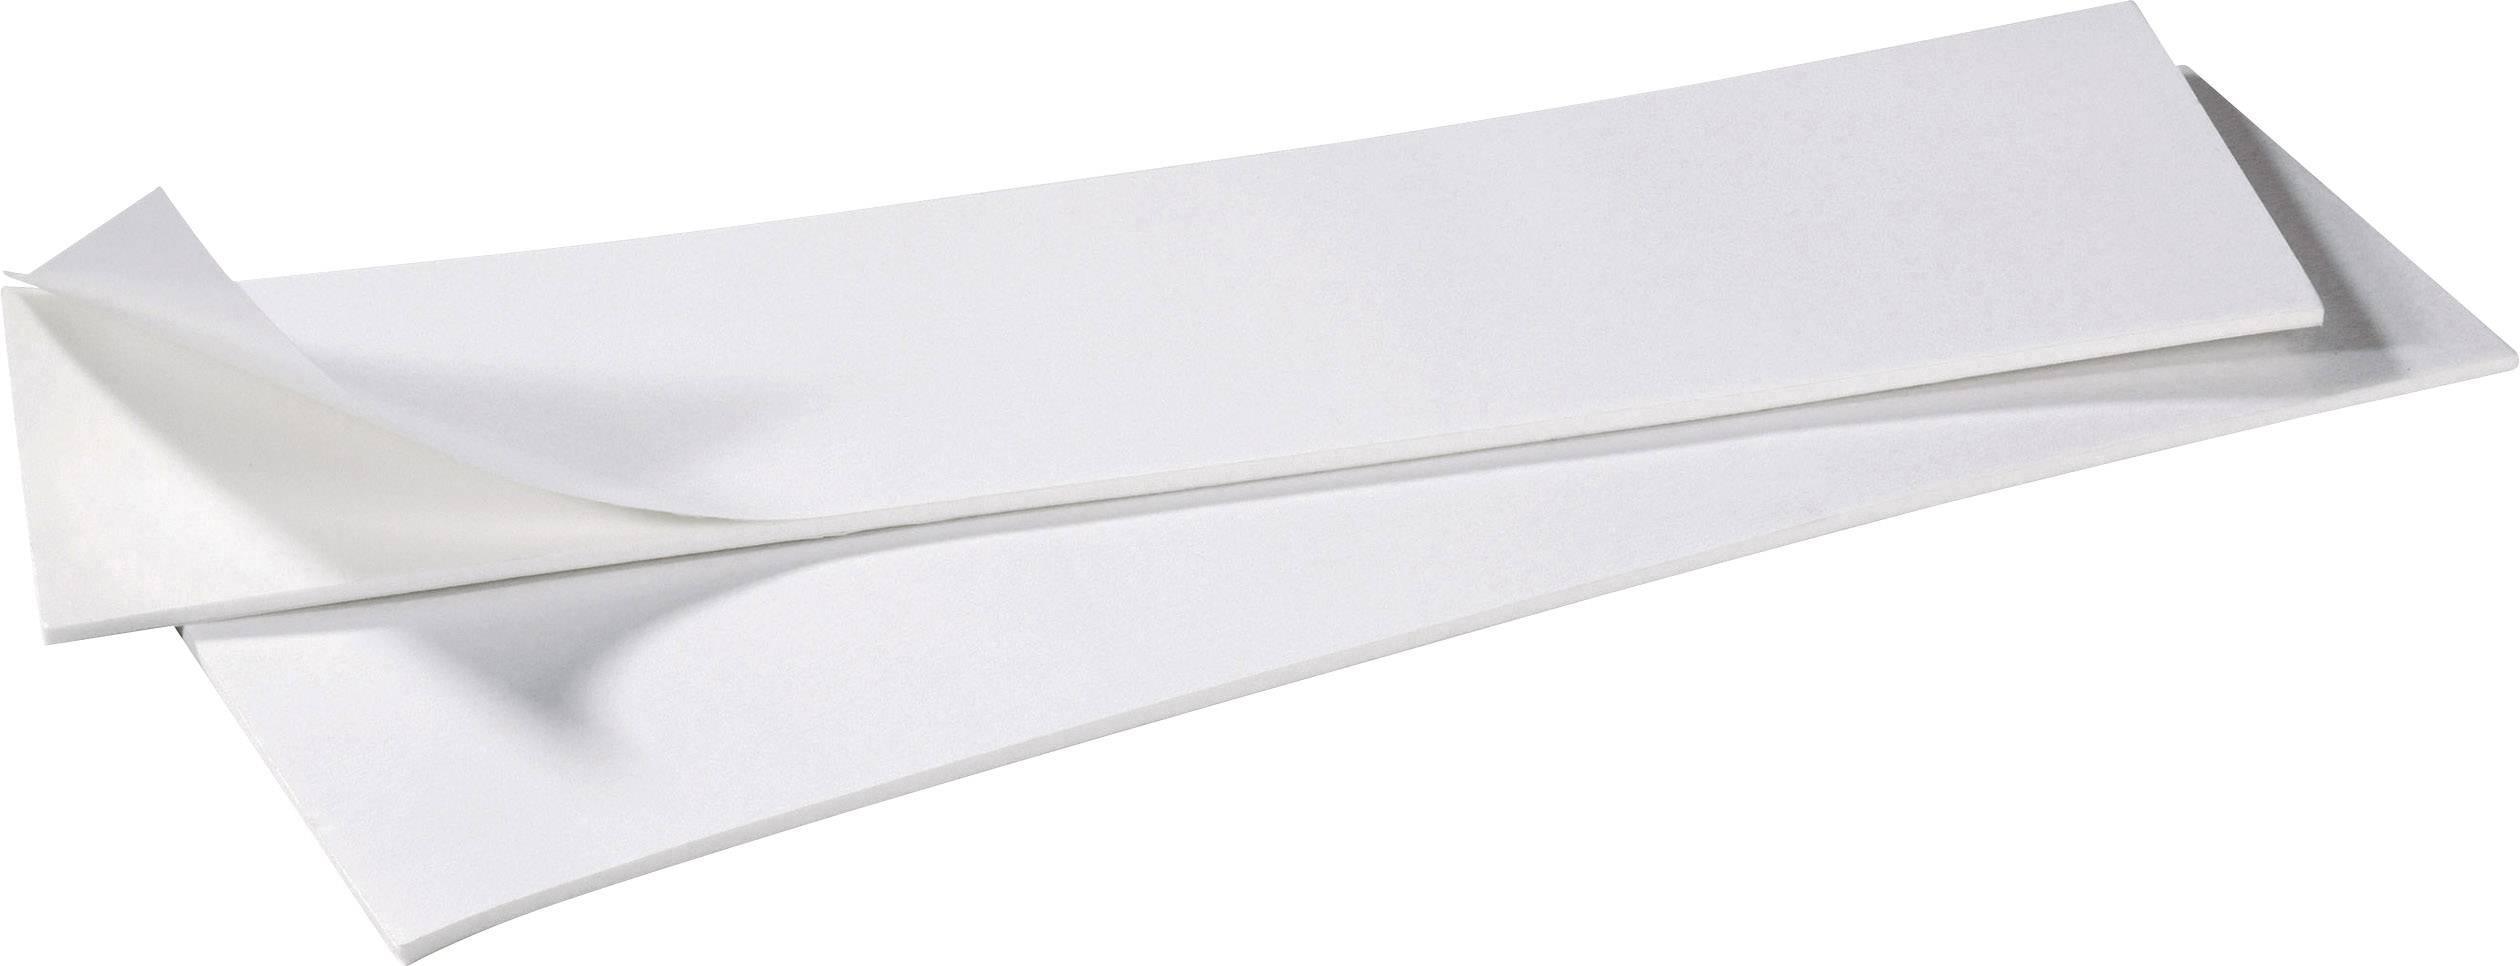 Samolepící páska k upevnění serva Modelcraft